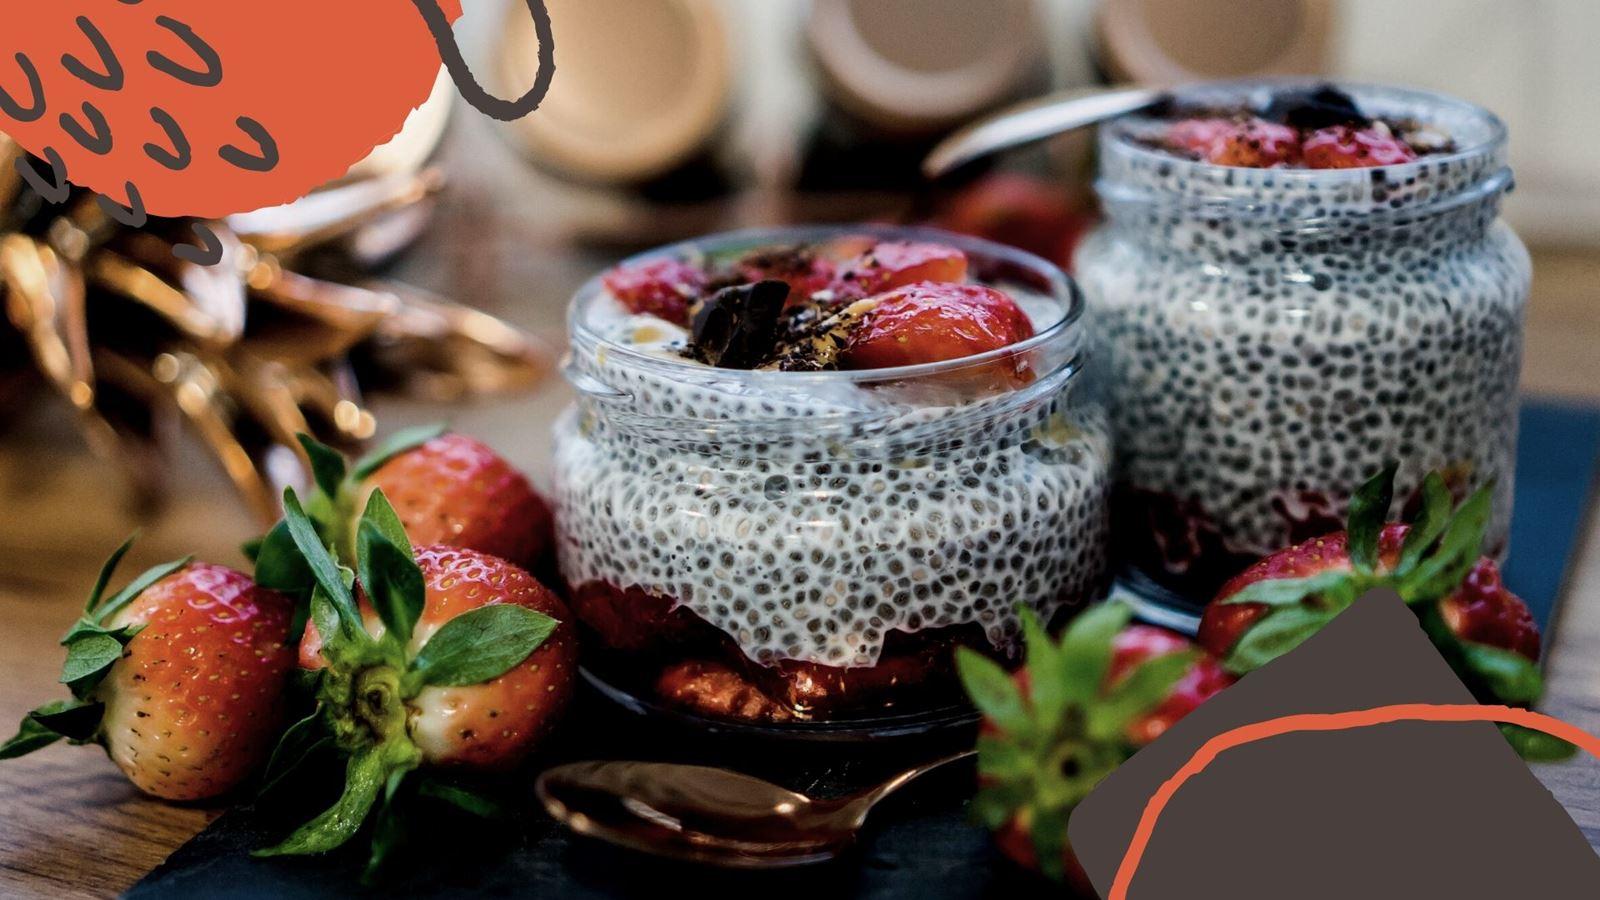 10 jak zrobić zdrowy i szybki deser z nasionami chia pudding chia przepis jak przygotować z truskawkami, pomysł na łatwy deser na sniadanie how make easy health pudding chia receipes